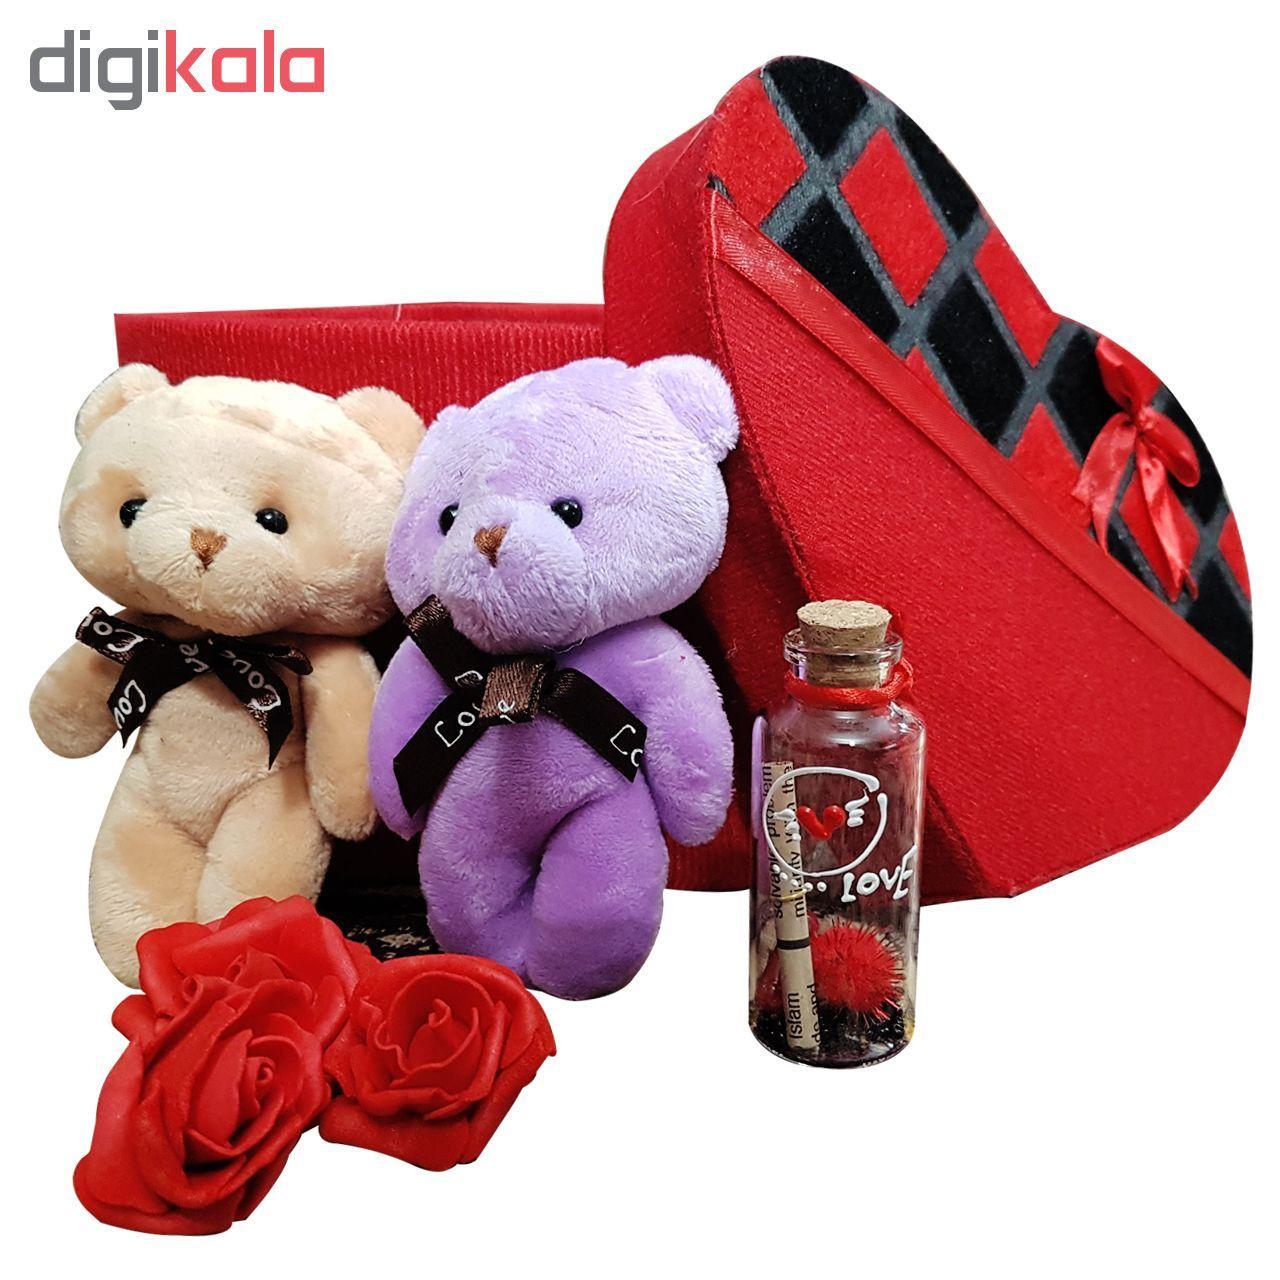 پك هديه و ست هدیه  عروسک خرس كله گنده مدل 12 main 1 1